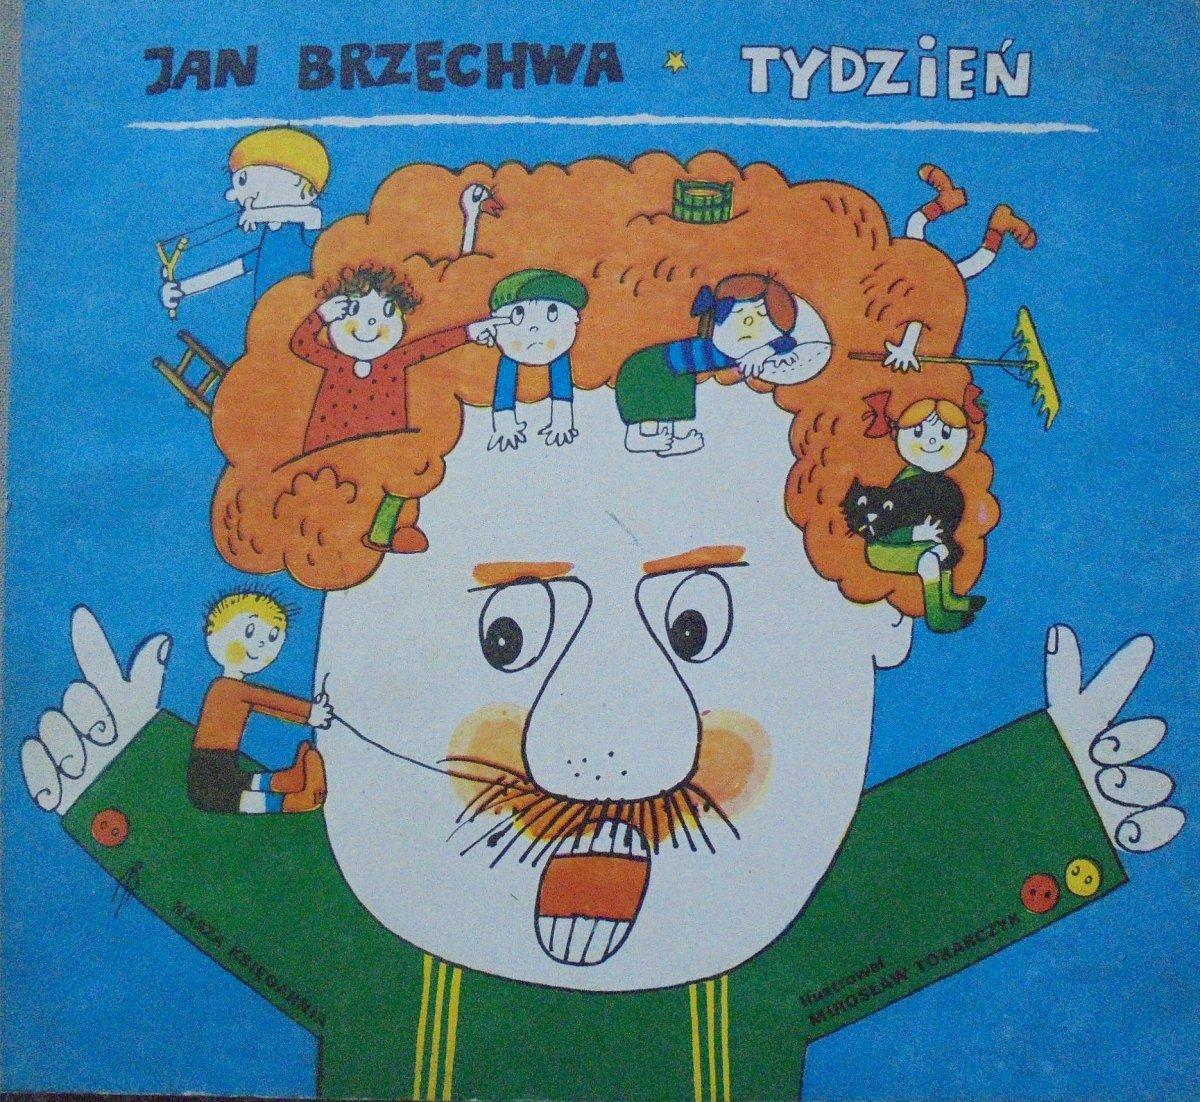 Jan Brzechwa Tydzień Mirosław Tokarczyk